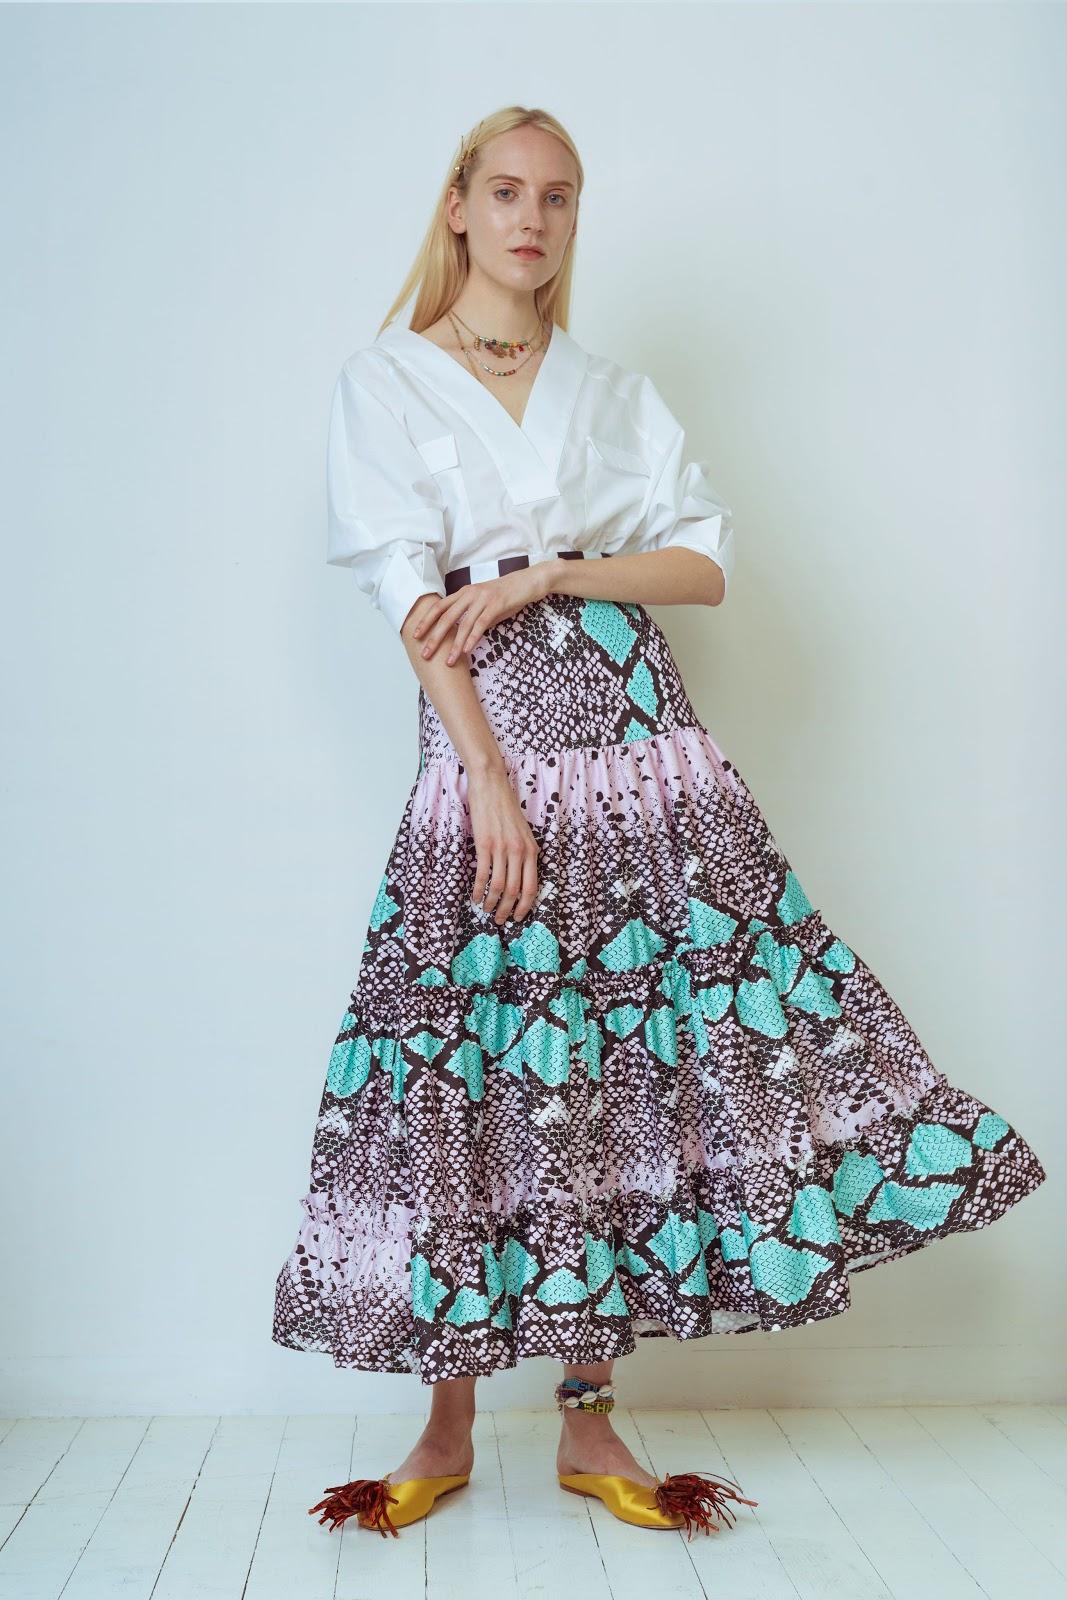 00019 Stella Jean Resort 2019 Vogue 2019 pr - Stella Jean Resort 2019 Trend Present Assortment - Runway